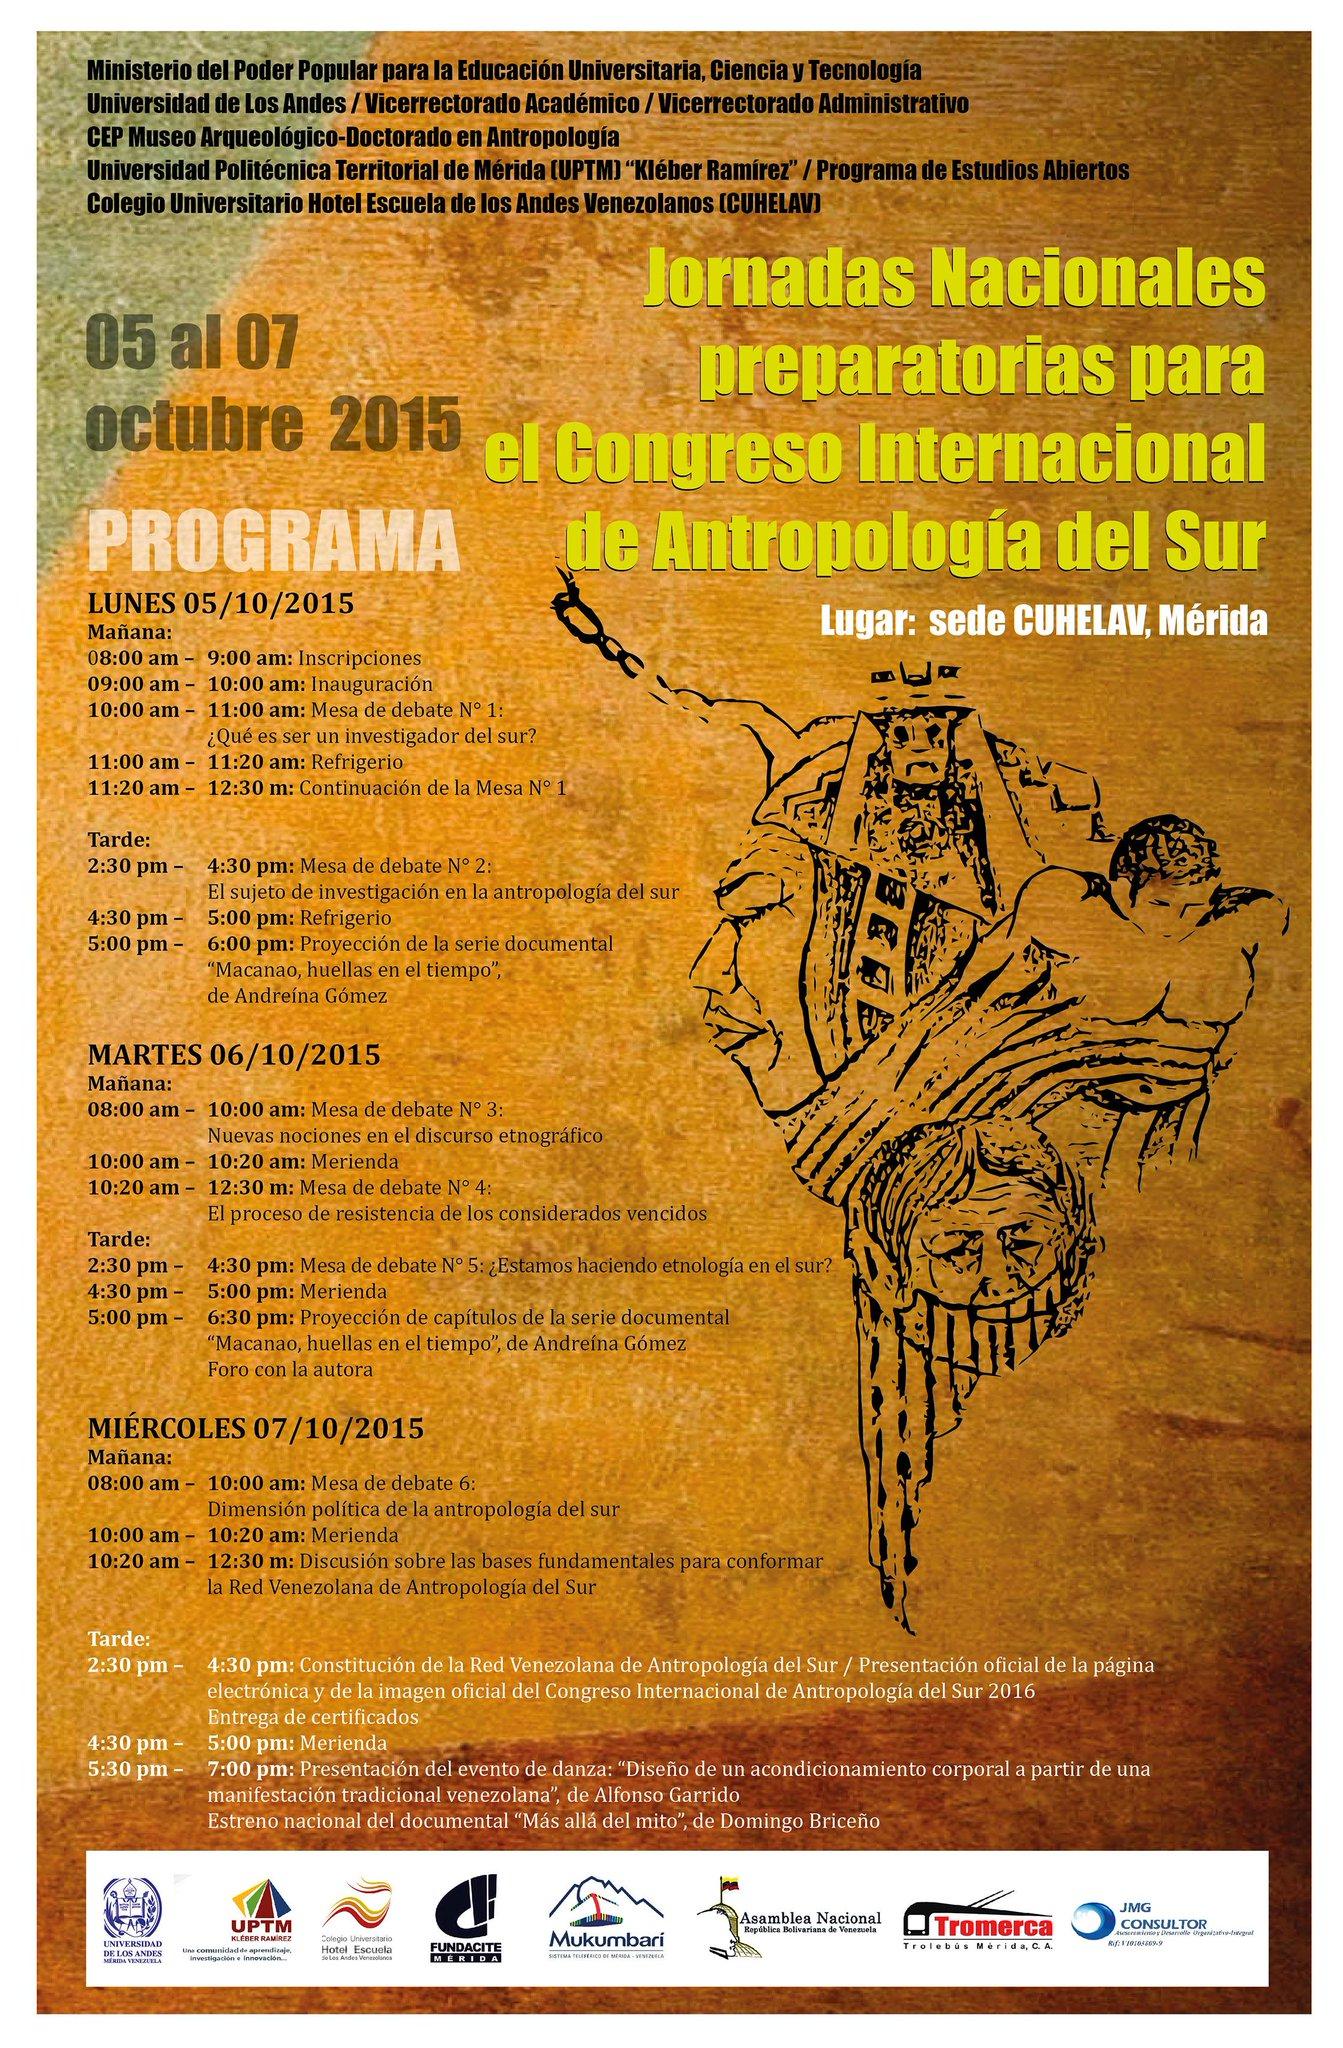 Jornadas Nacionales preparatorias para el Congreso Internacional de Antropología del Sur